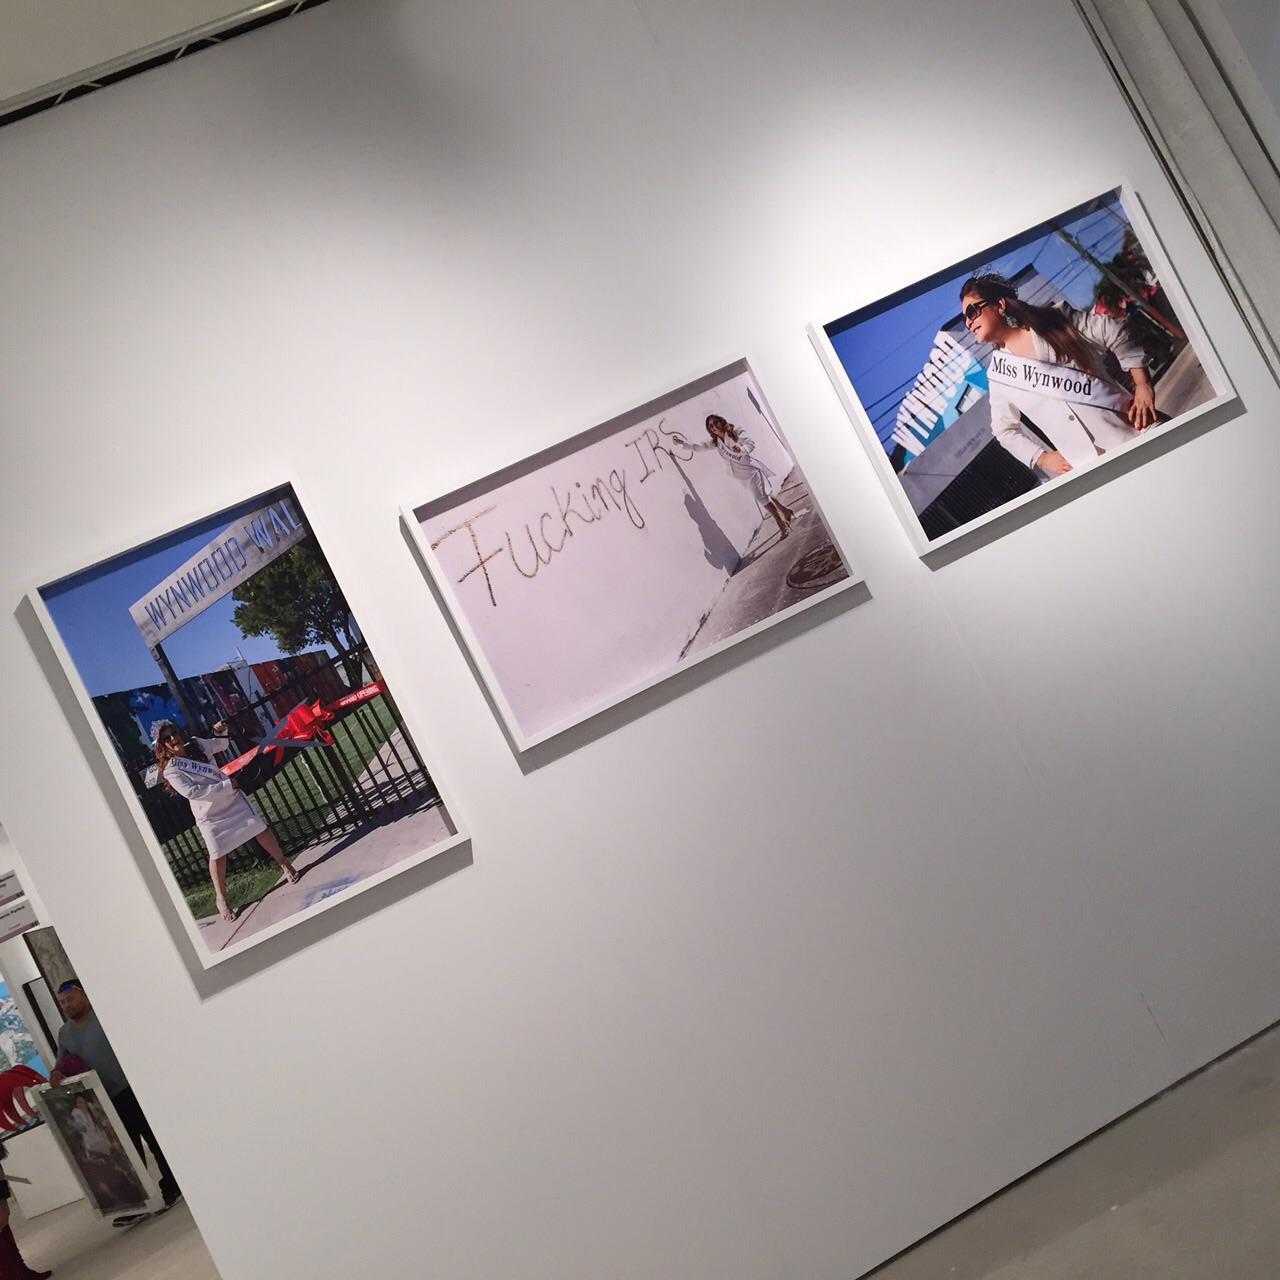 nina-dotti-art-fairs-biennials-art-wynwood-miss-wynwood-3.jpg